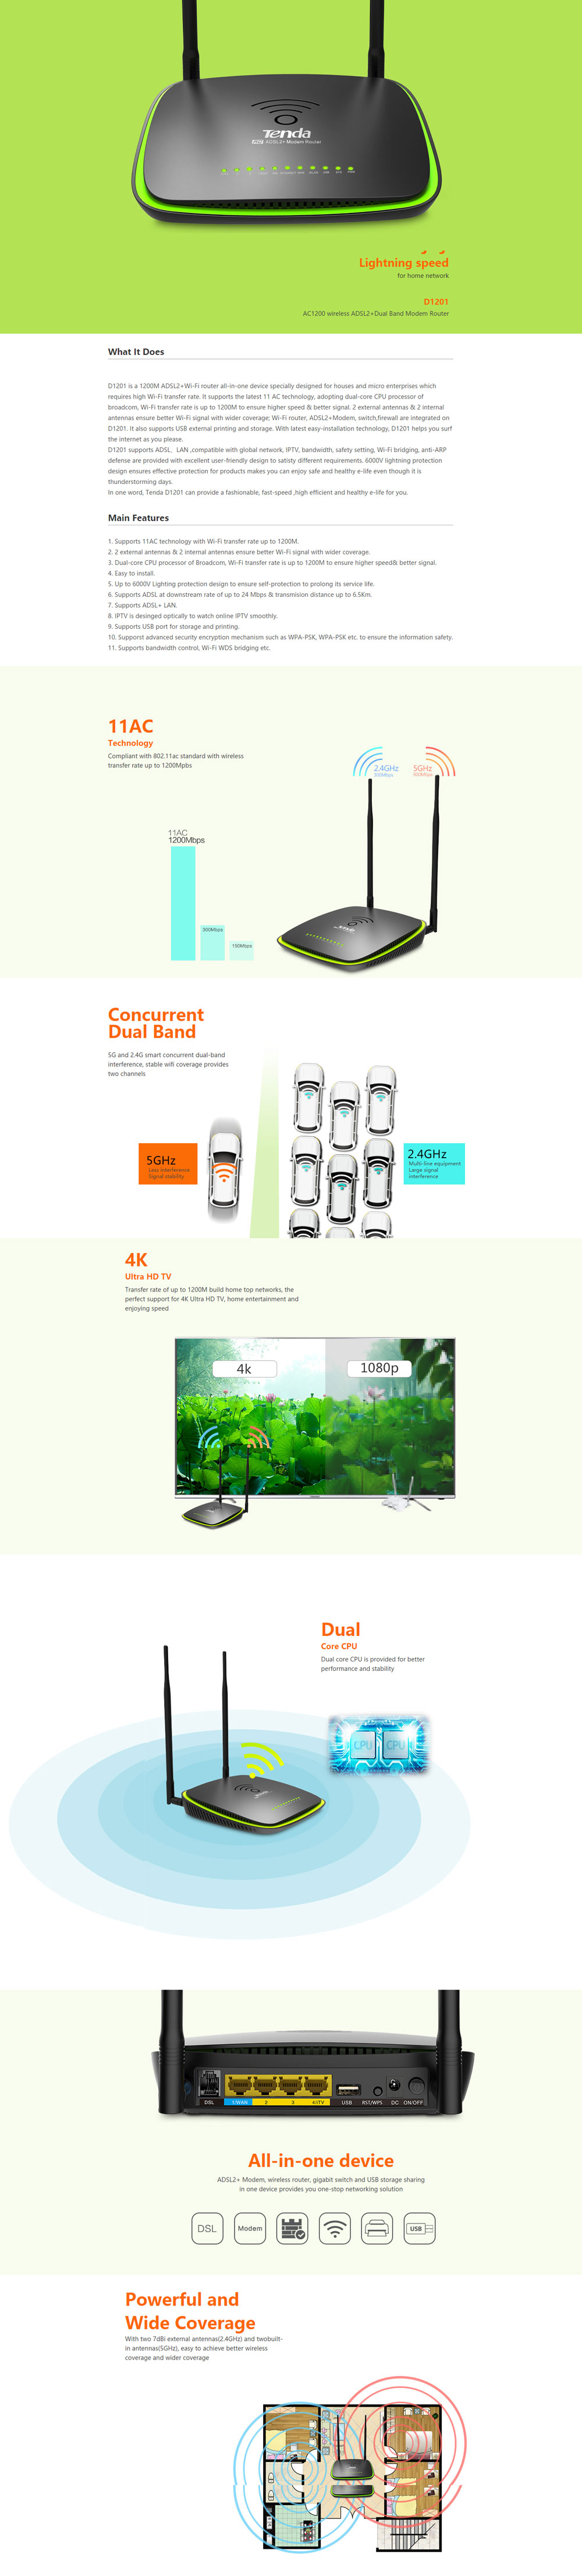 Tenda D1201 Routeur ADSL Wi-Fi High Power AC1200